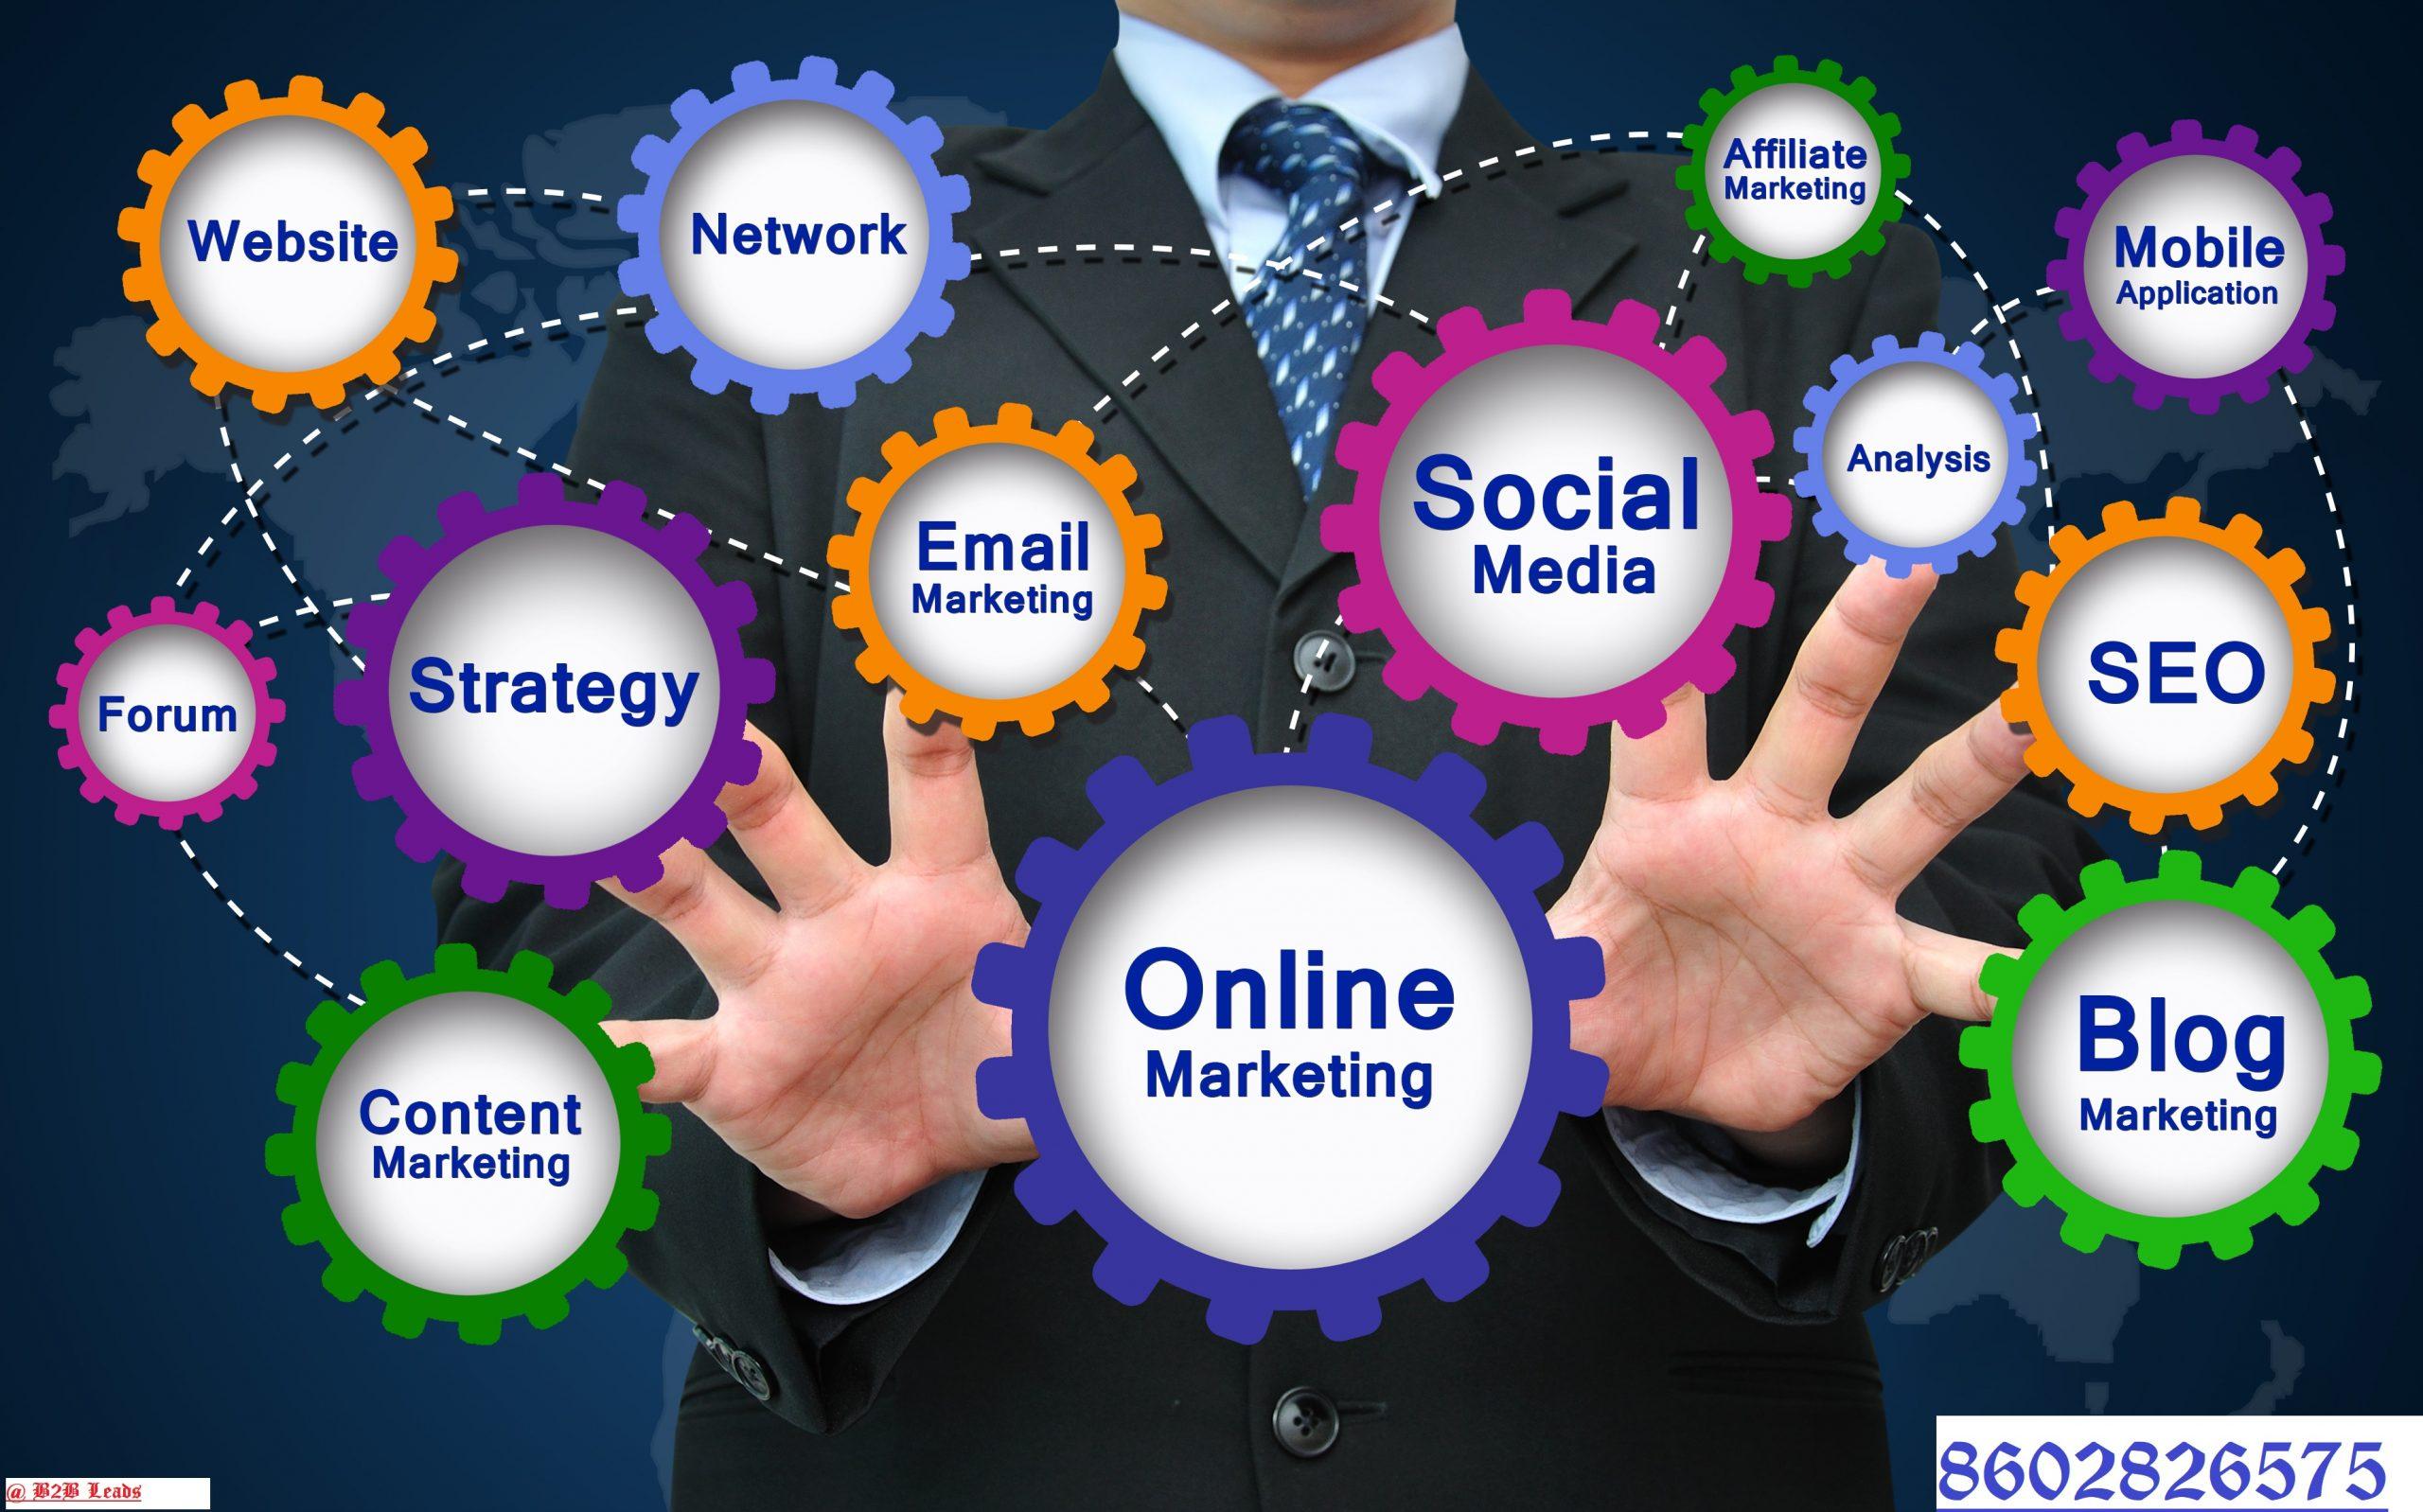 Lead-Generation-Database-Seller-SEO-Digital-Marketing-in-Aligarh-Uttar-Pradesh.